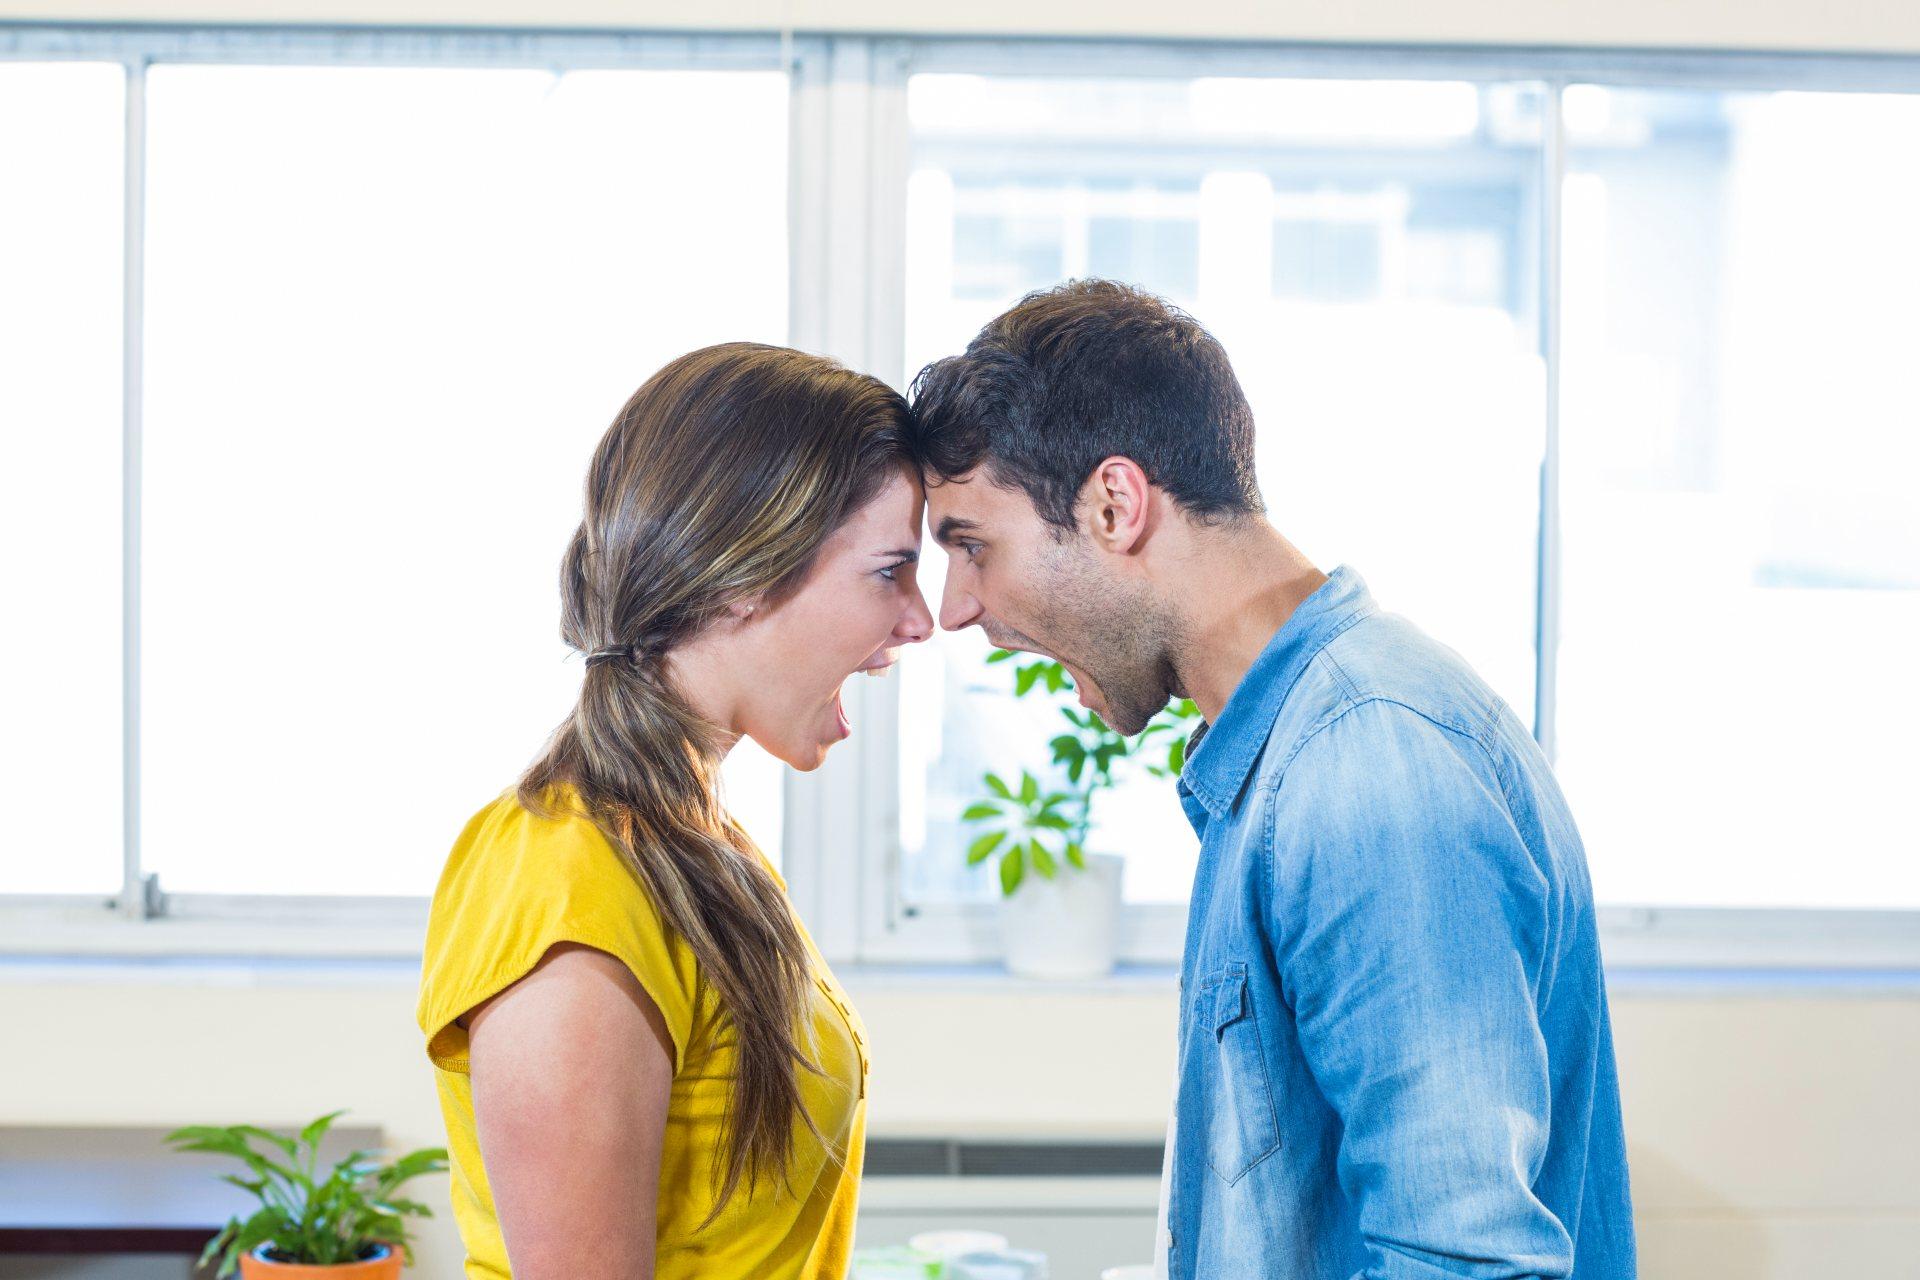 połączyć uczucia Romans / randkowanie